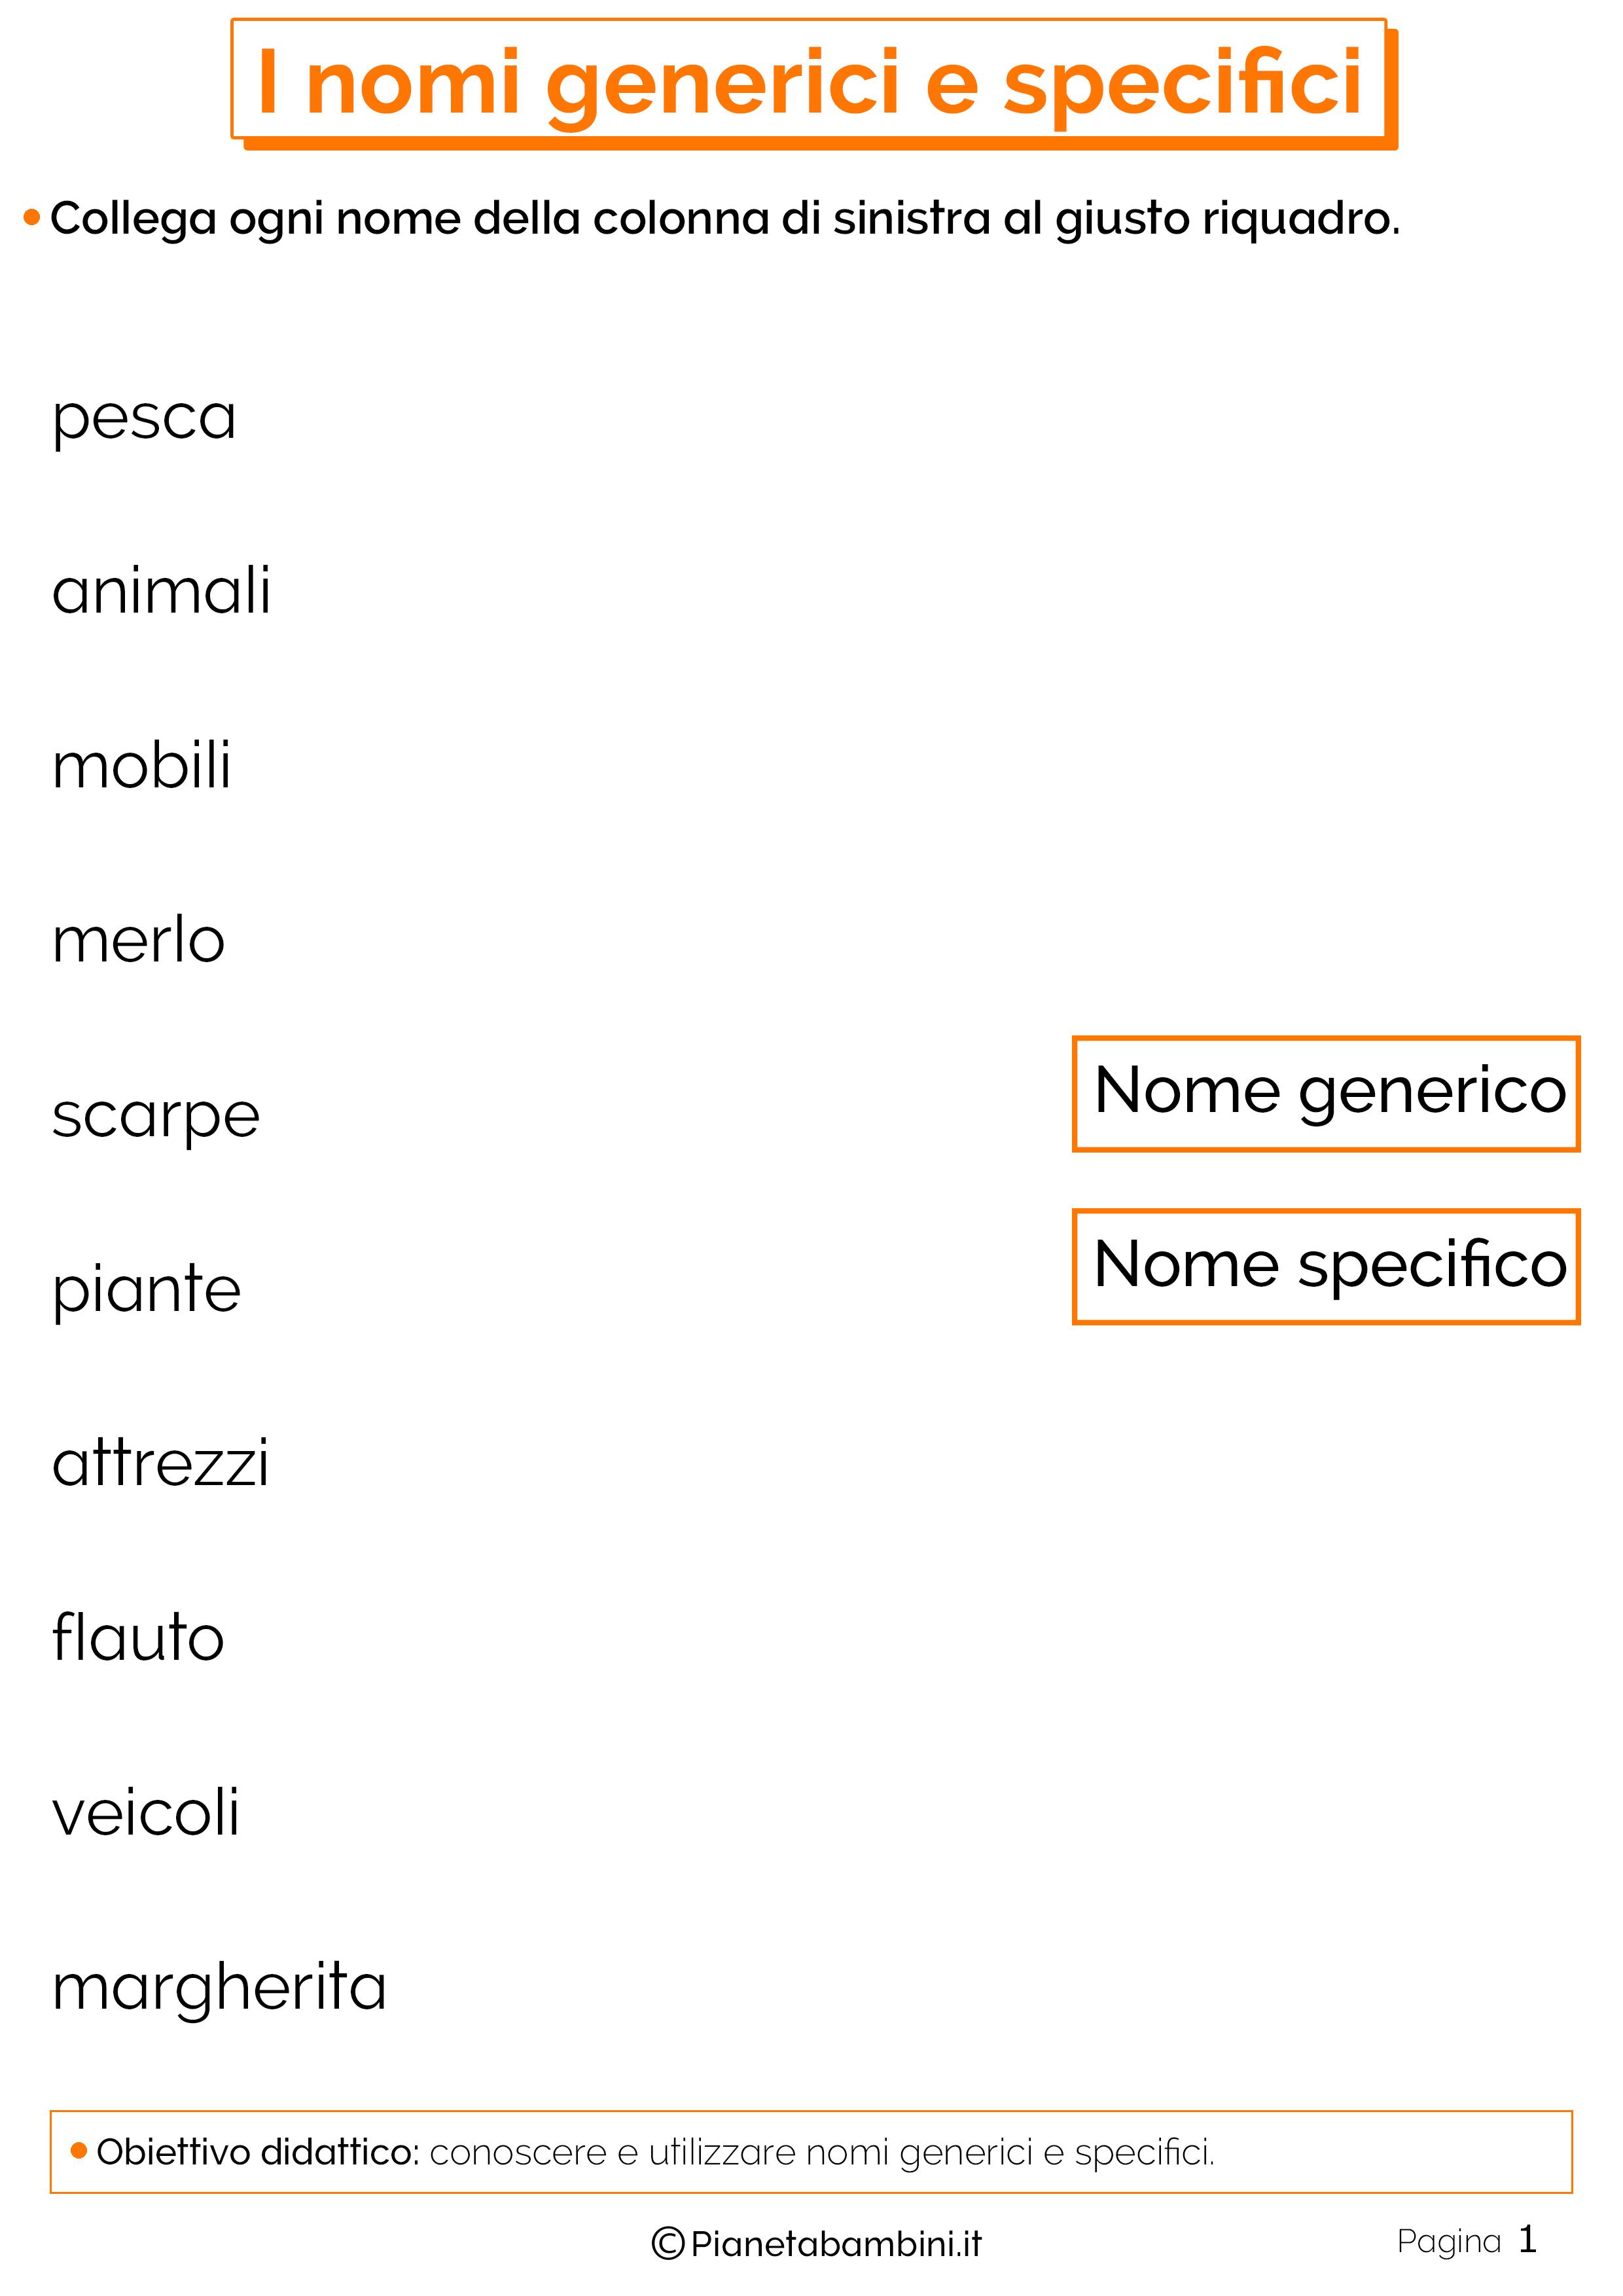 Esercizi sui nomi generici e specifici 1